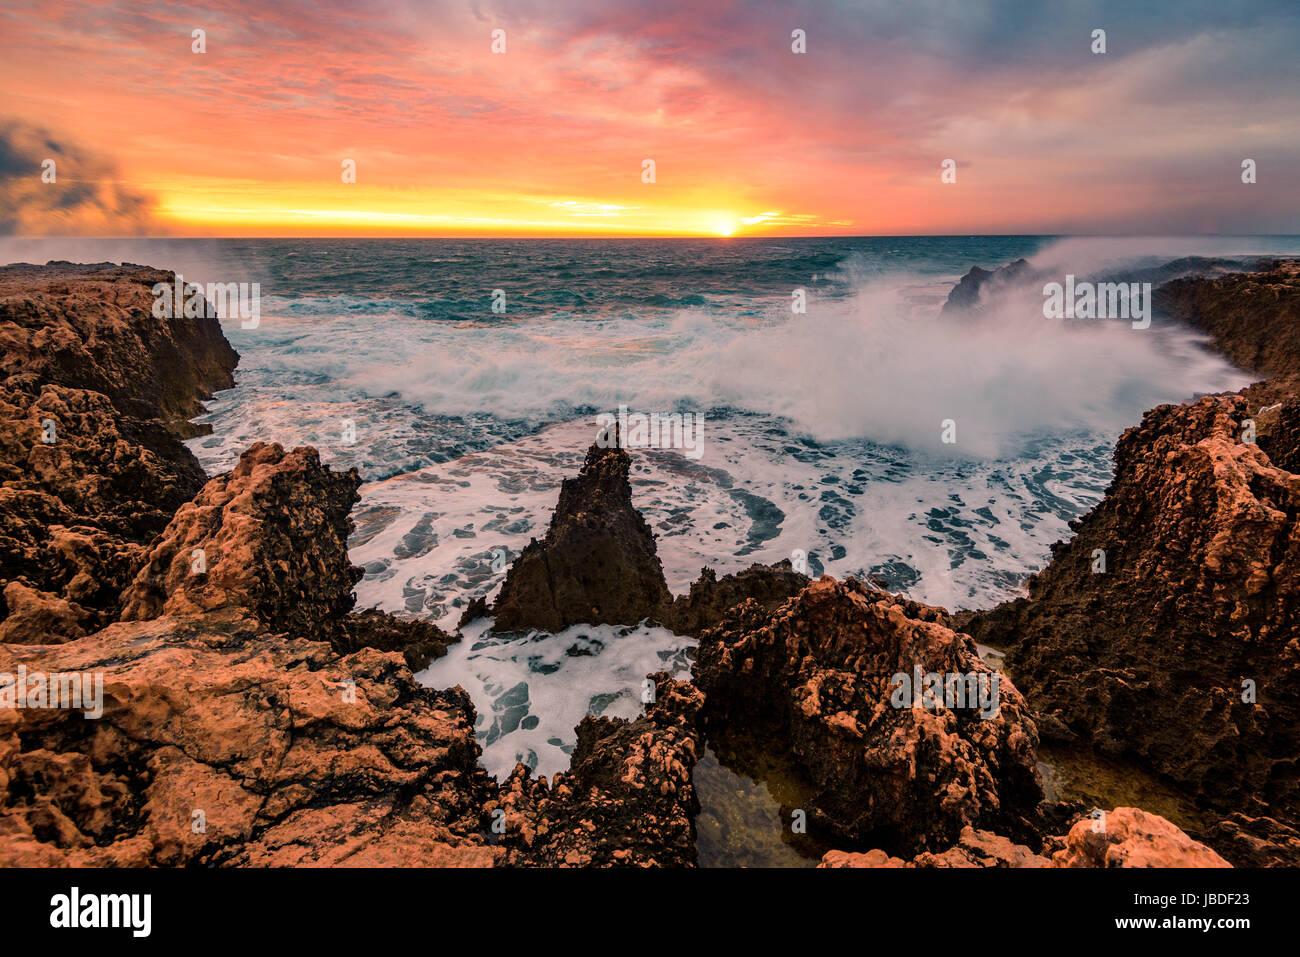 Quobba Coastline, Western Australia - Stock Image